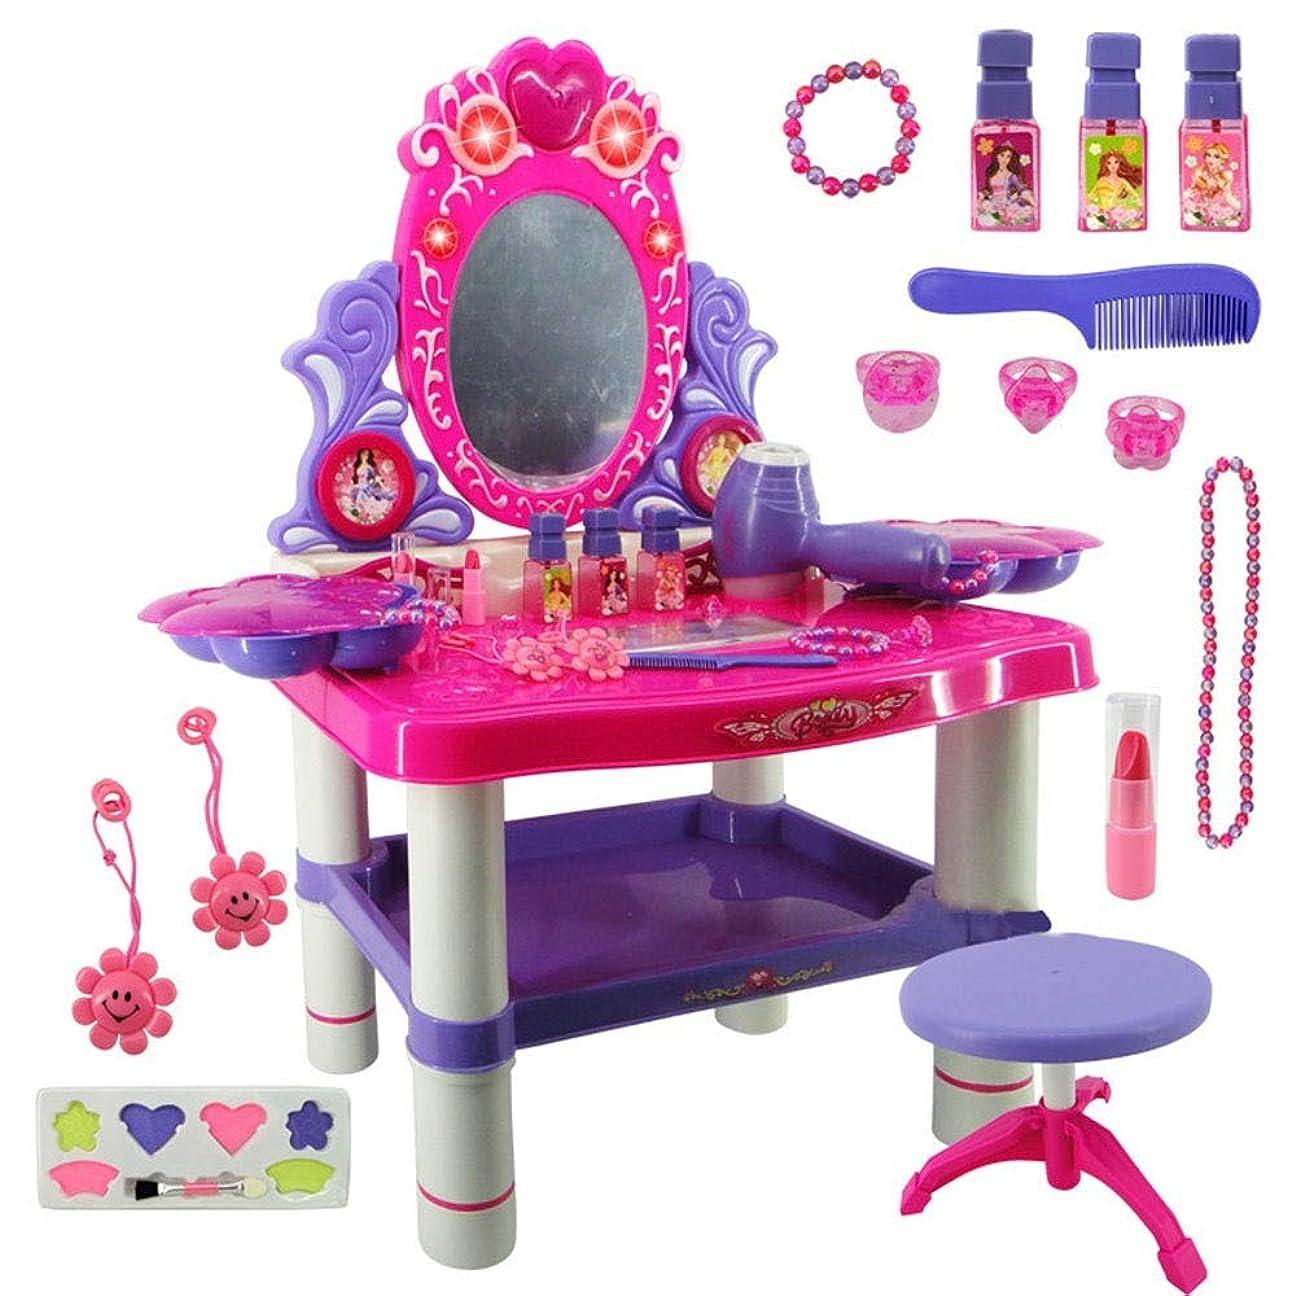 日没章キロメートル子供用ドレッサー 幼児ファンタジー虚栄心美容ドレッサーテーブルプレイセットギフト女の子子供ピンク (Color : Pink, Size : 62*33*64.5CM)